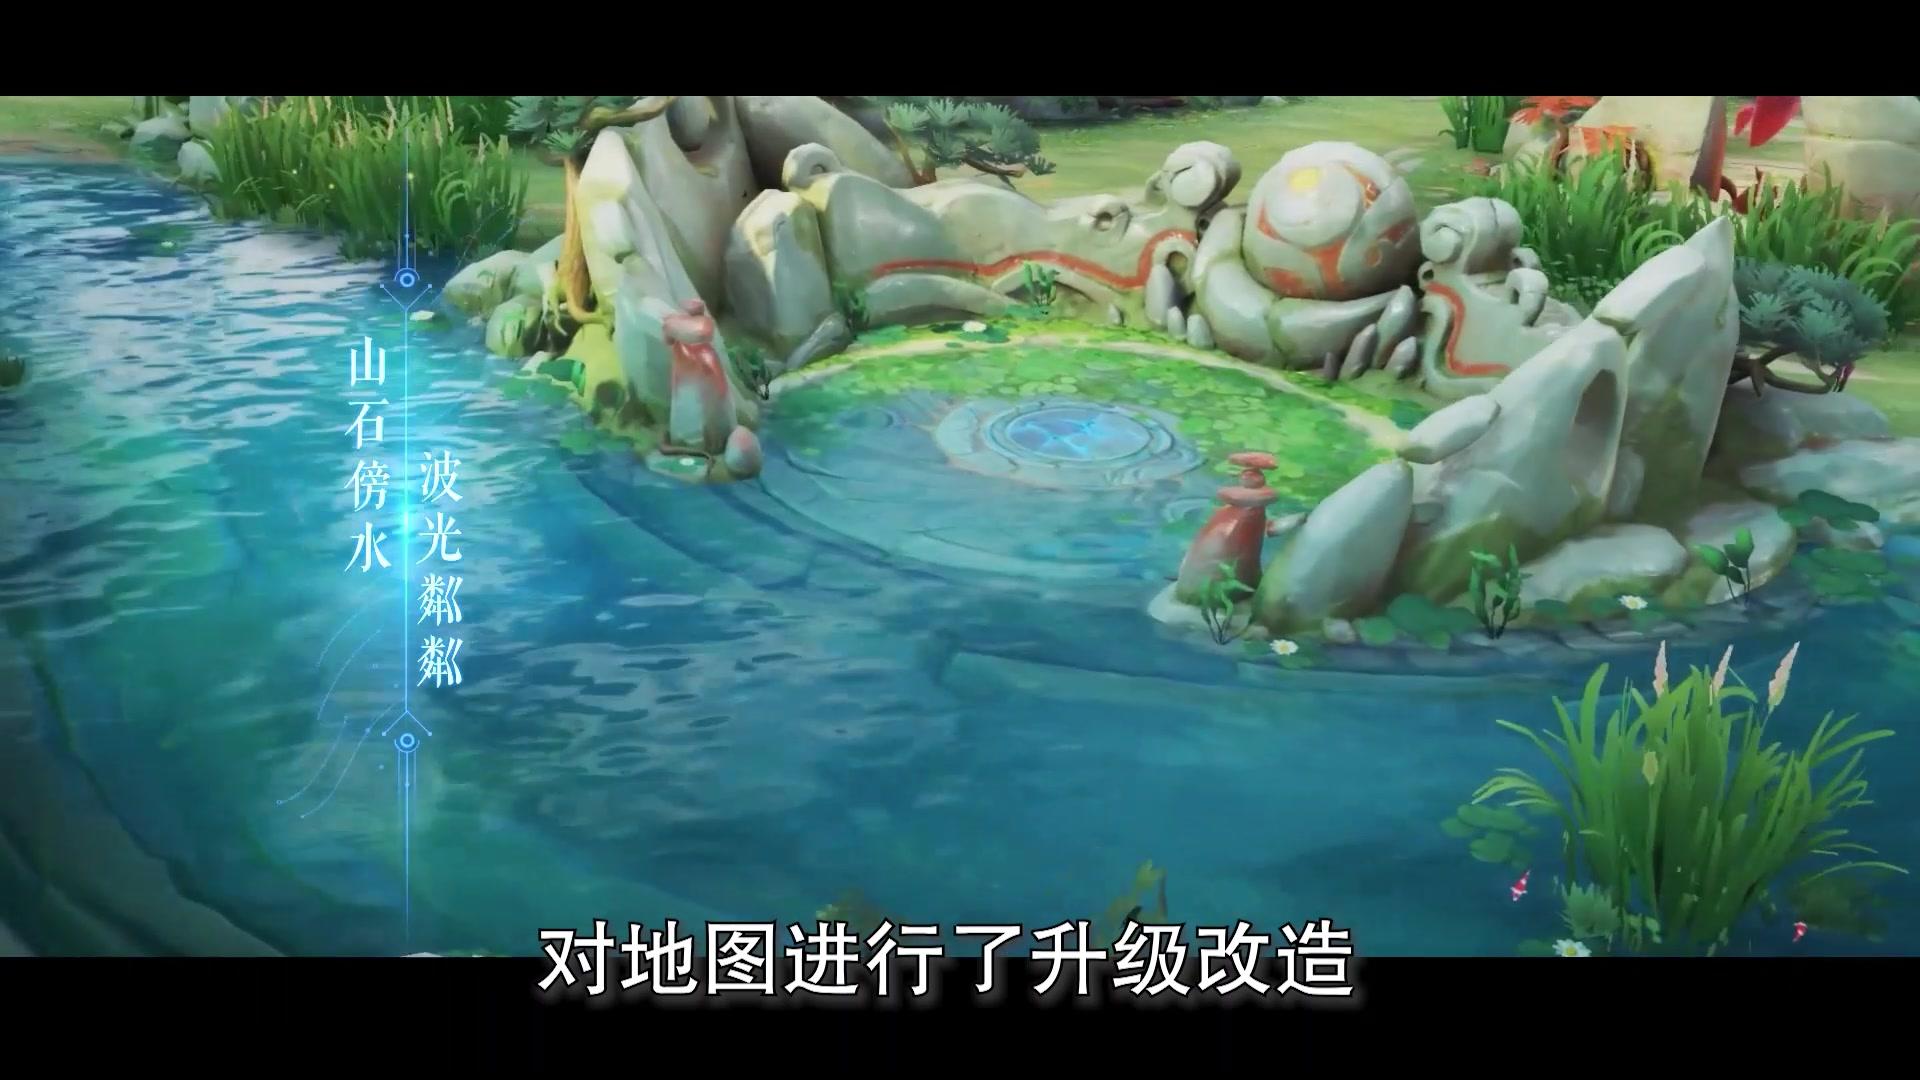 【鲜游速观】王者荣耀新版本《不夜长安:破晓》内容一览